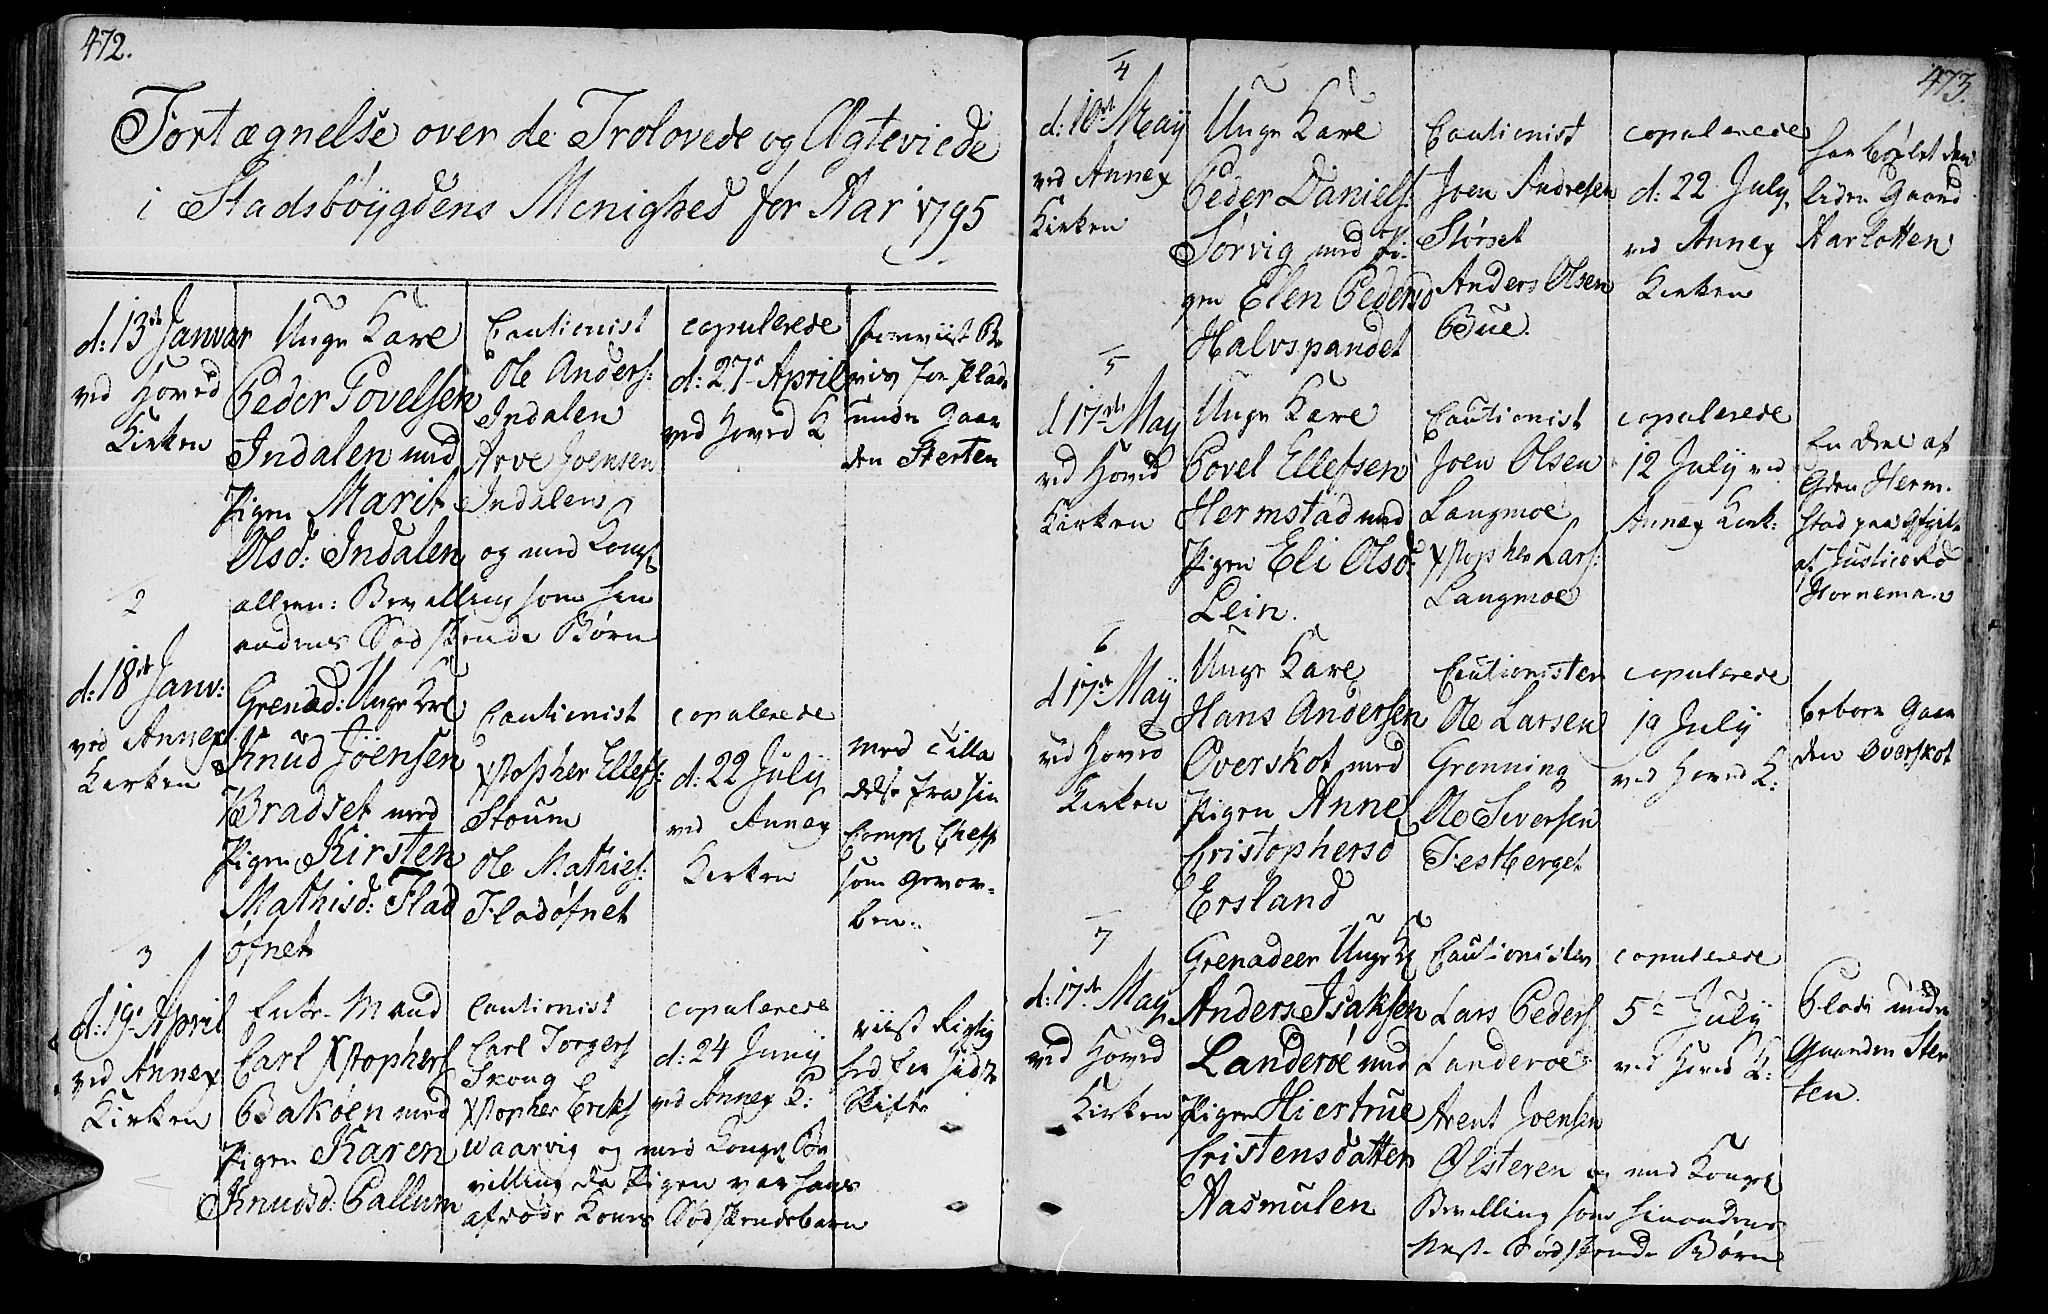 SAT, Ministerialprotokoller, klokkerbøker og fødselsregistre - Sør-Trøndelag, 646/L0606: Ministerialbok nr. 646A04, 1791-1805, s. 472-473